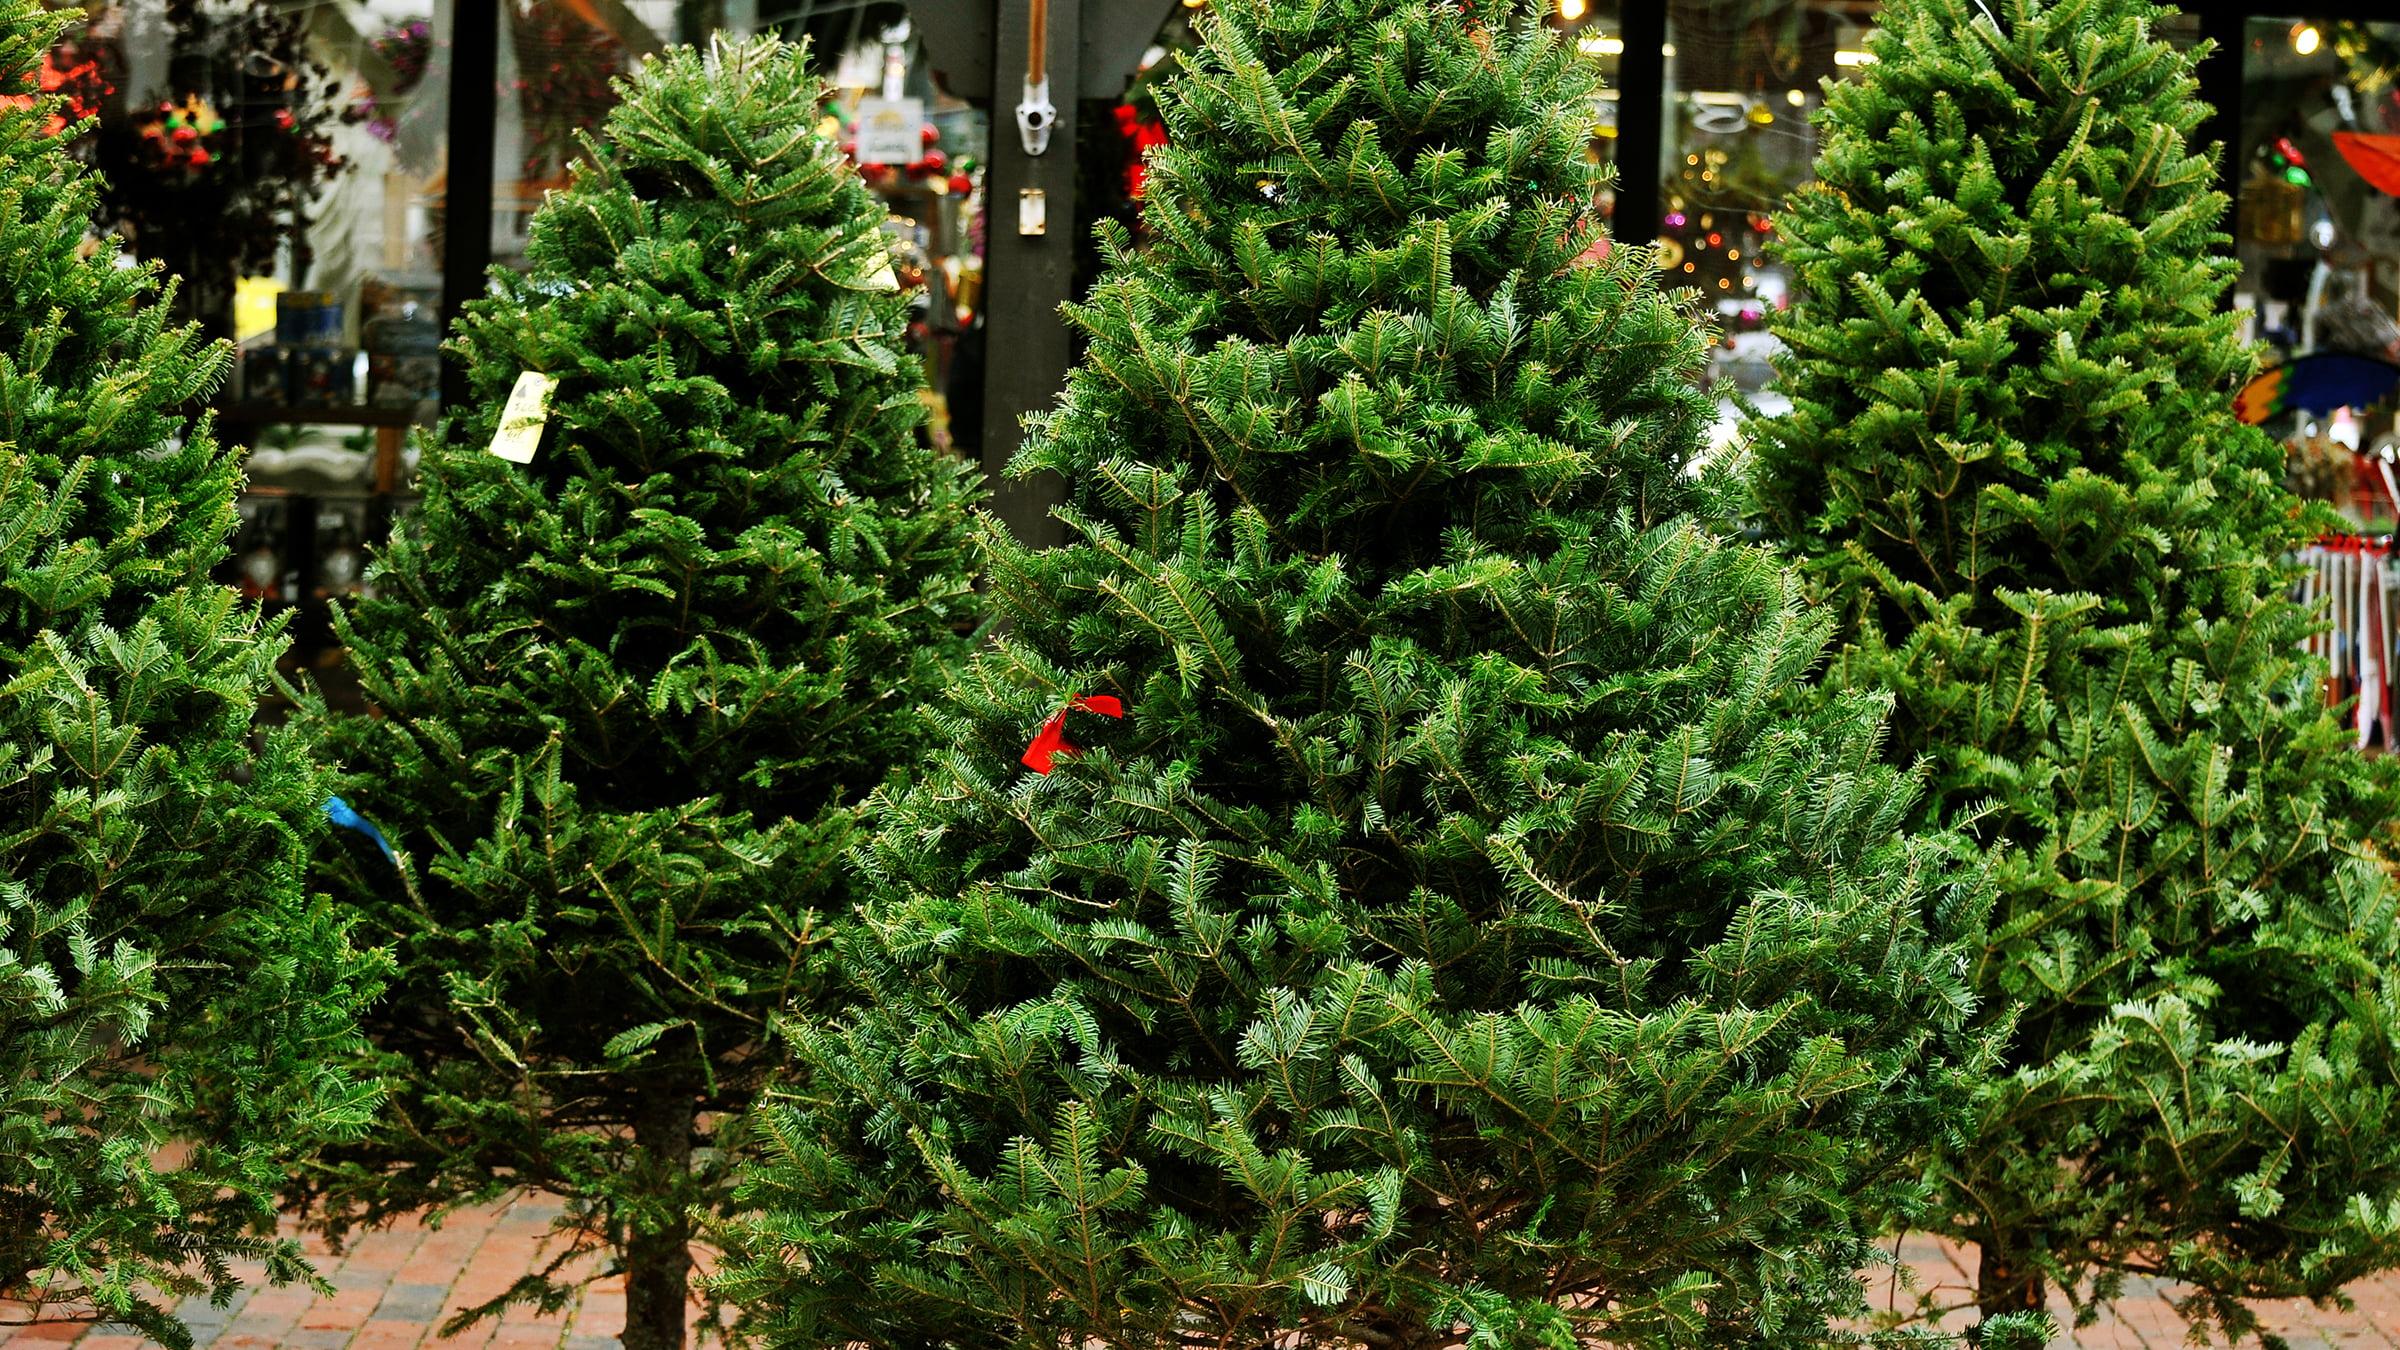 Lugares para comprar rboles de navidad en m xico - Arboles de navidad precios ...